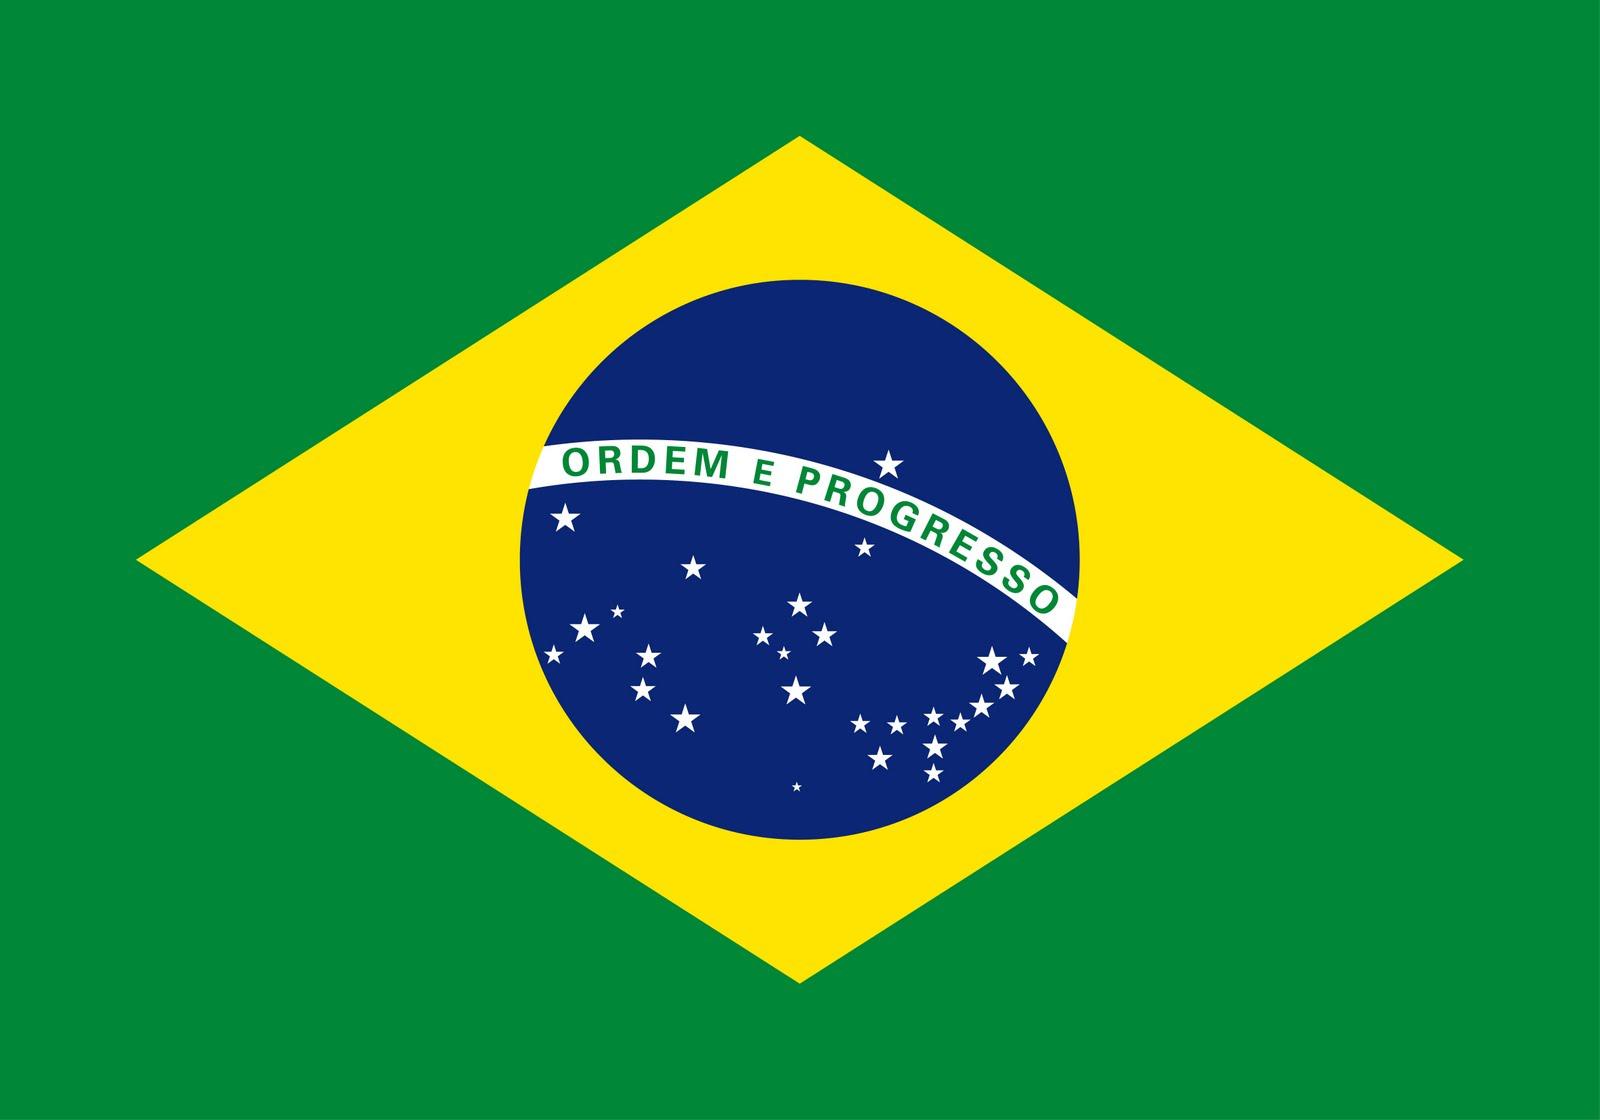 bandiera-2